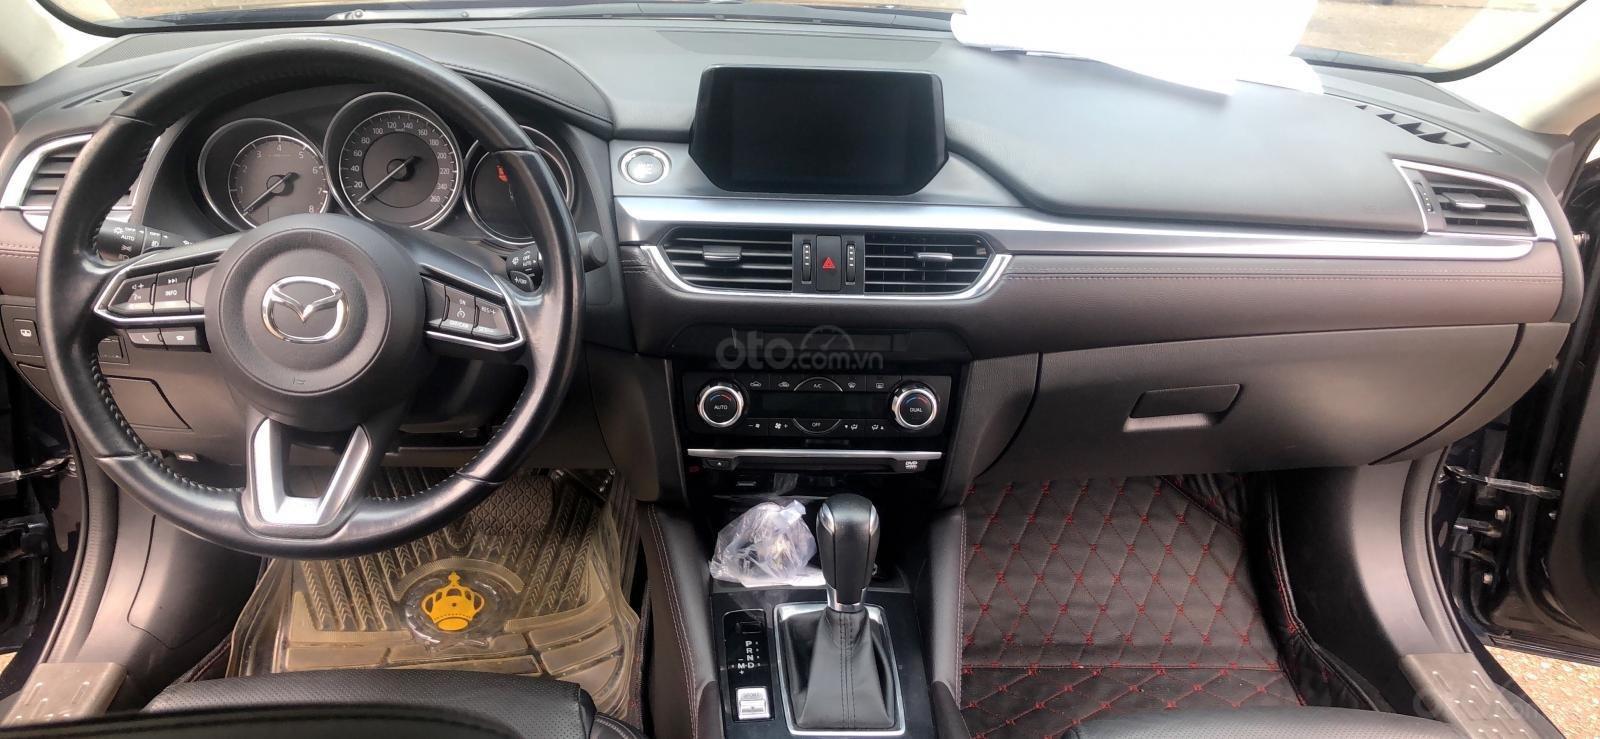 Bán xe Mazda 6 2.0 2017 Premium xanh đen, đi 11K km-1